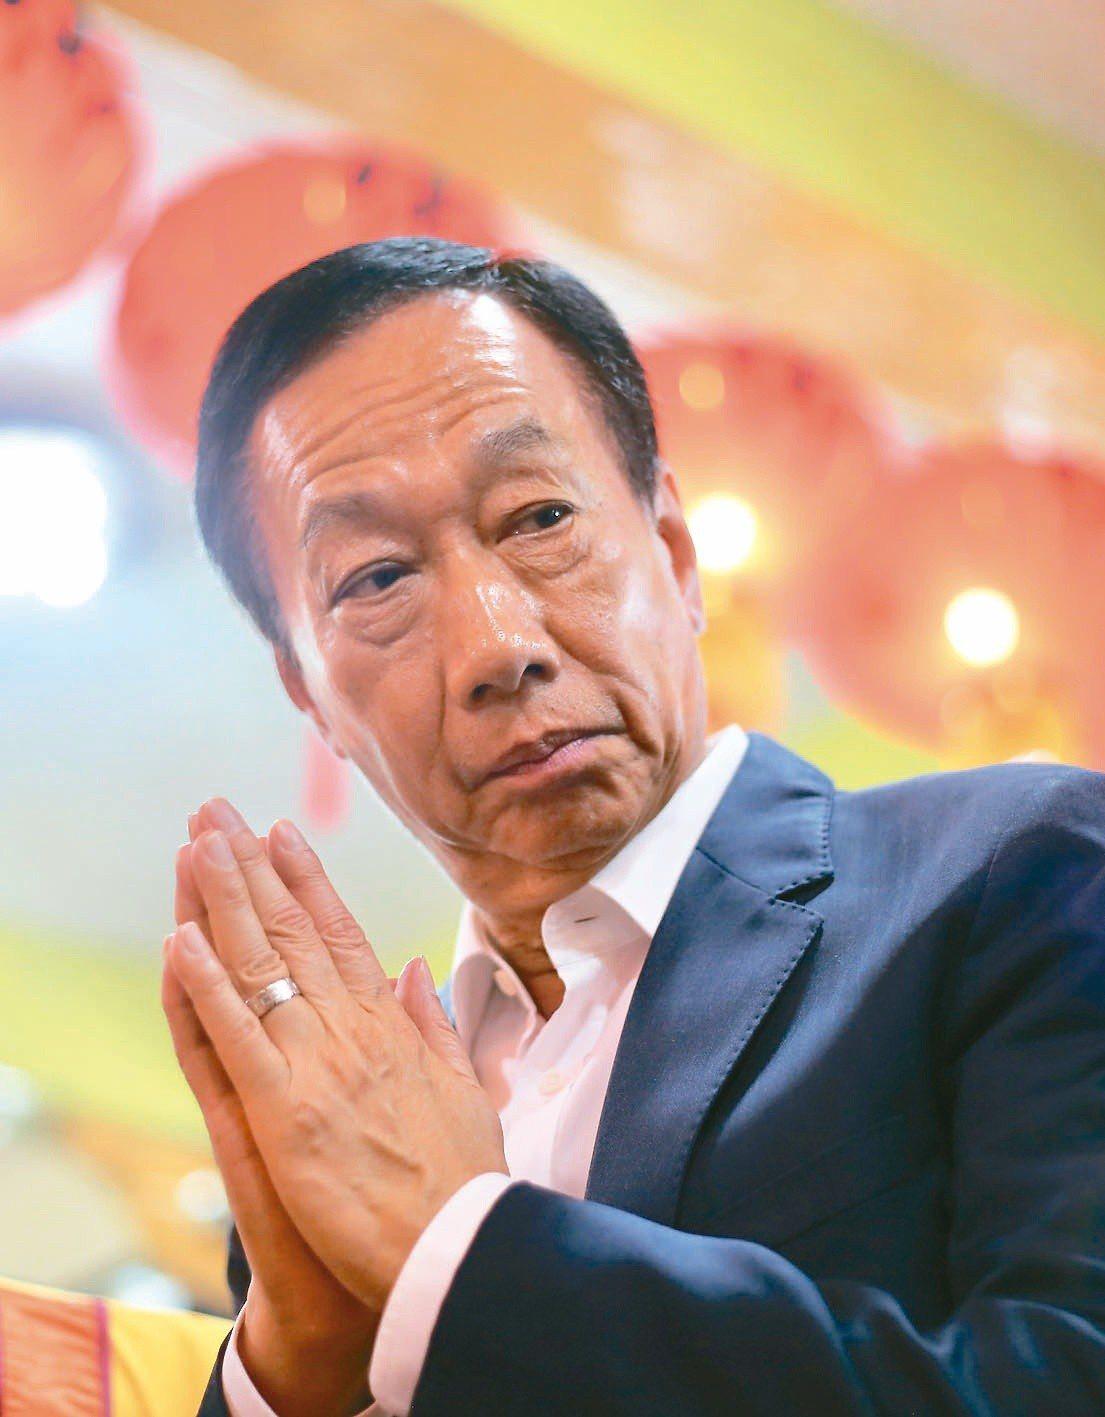 國民黨總統初選參選人郭台銘昨向高雄市長韓國瑜喊話,「就算大哥拜託你」,引發議論。...